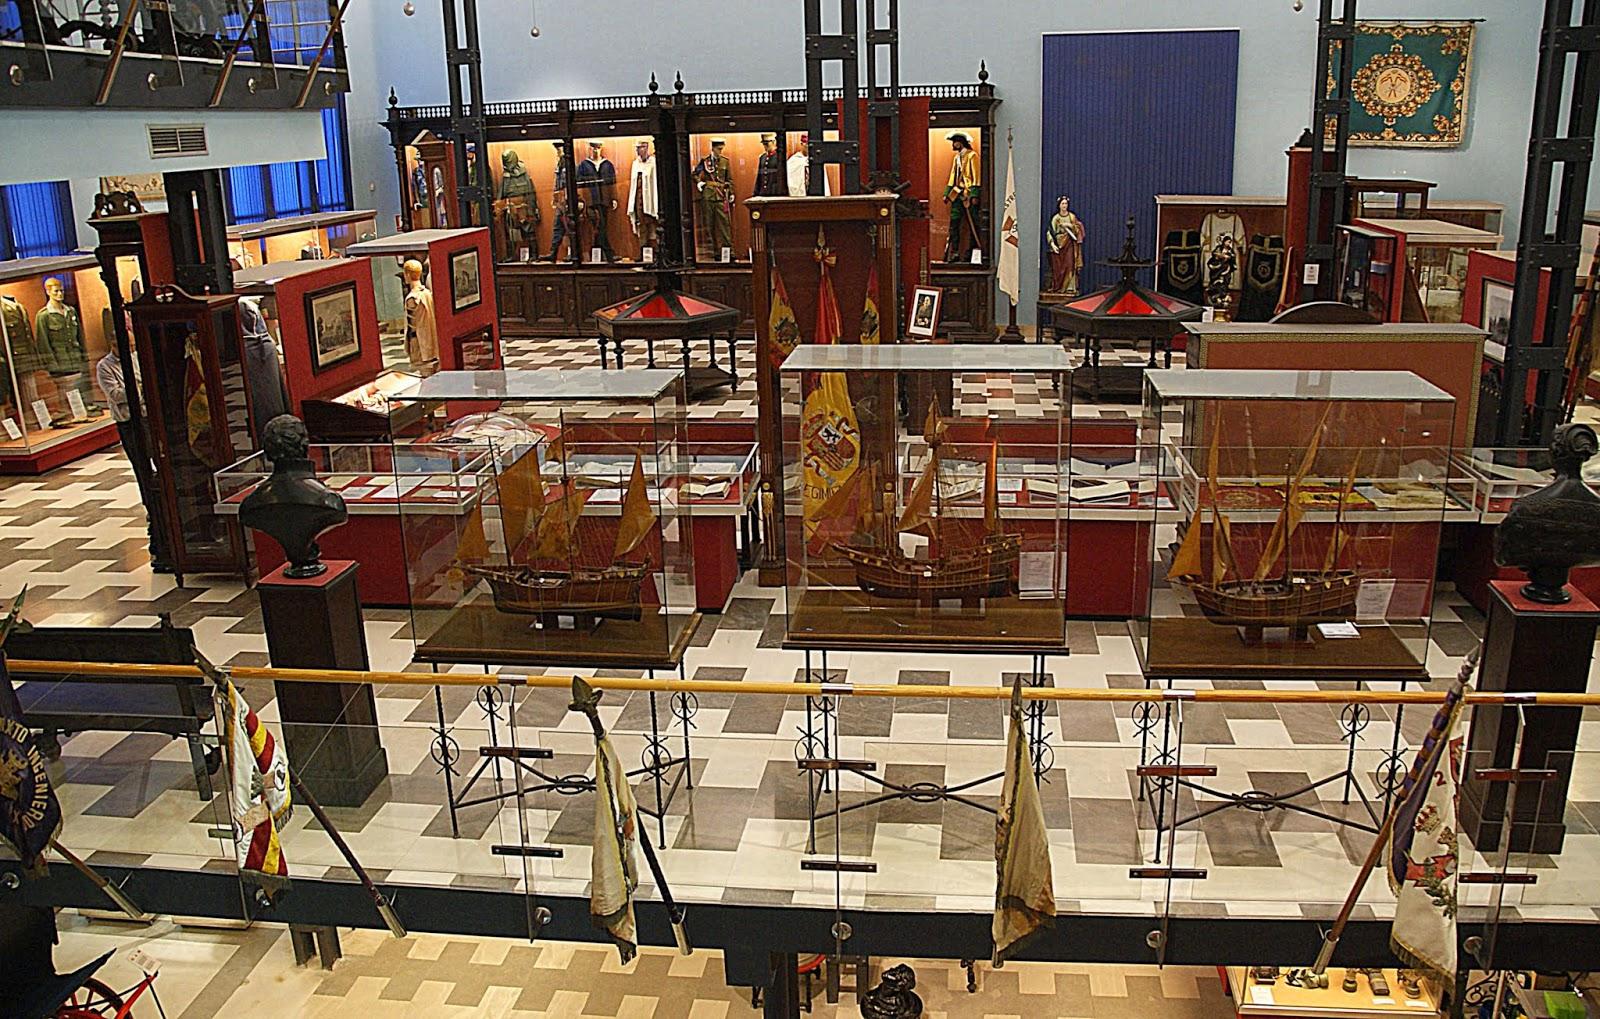 KS4 Visita el Museo Militar de la Plaza de España